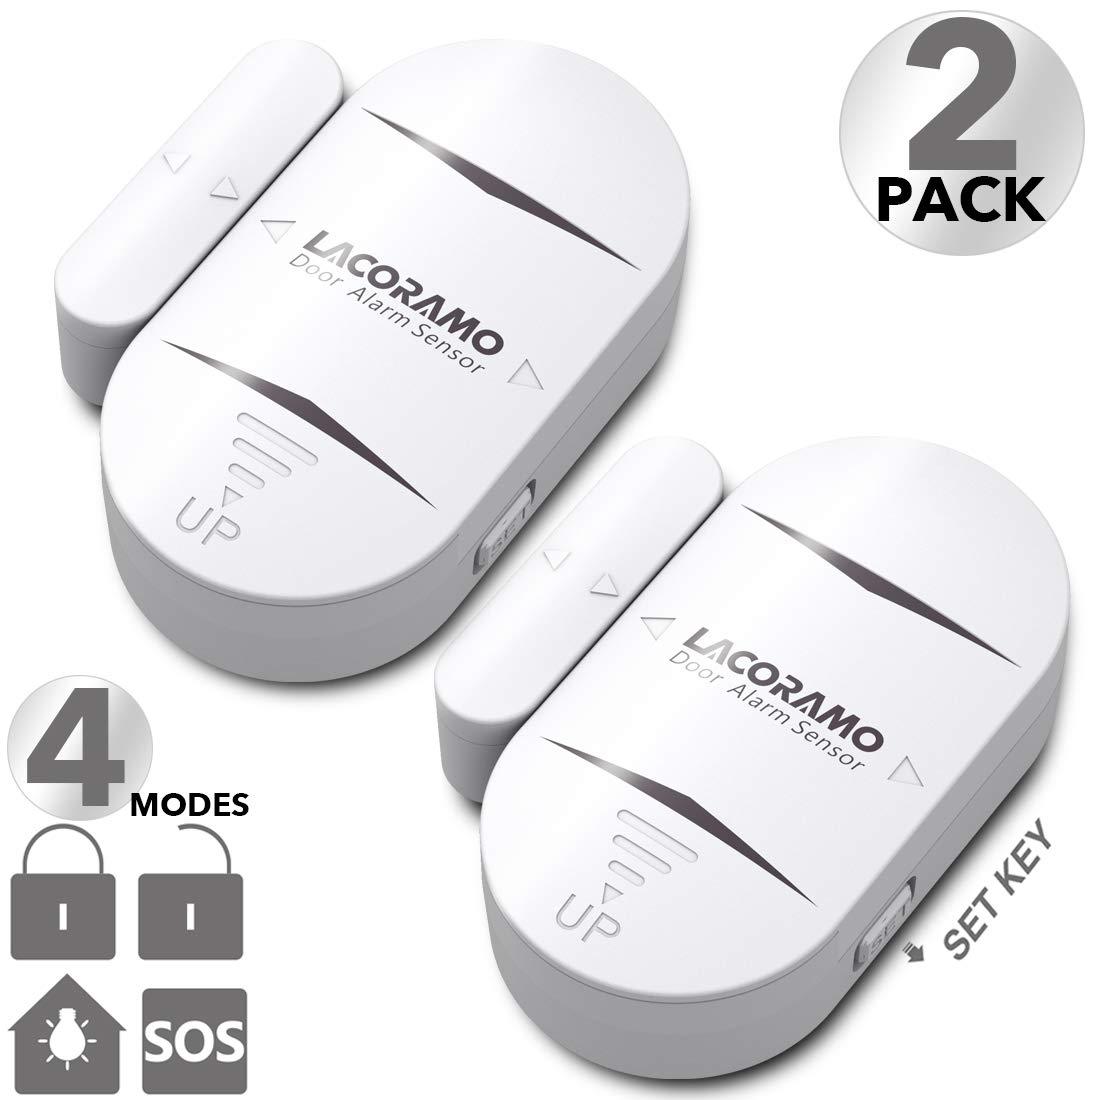 LACORAMO DA-05 Alarma de Puerta y Ventana, Set de 2 Sensor de Puerta Inalámbrico -130 Db Intensidad Acústica - 4 Modos de Trabajo Alarma De Seguridad Antirrobo de Puerta